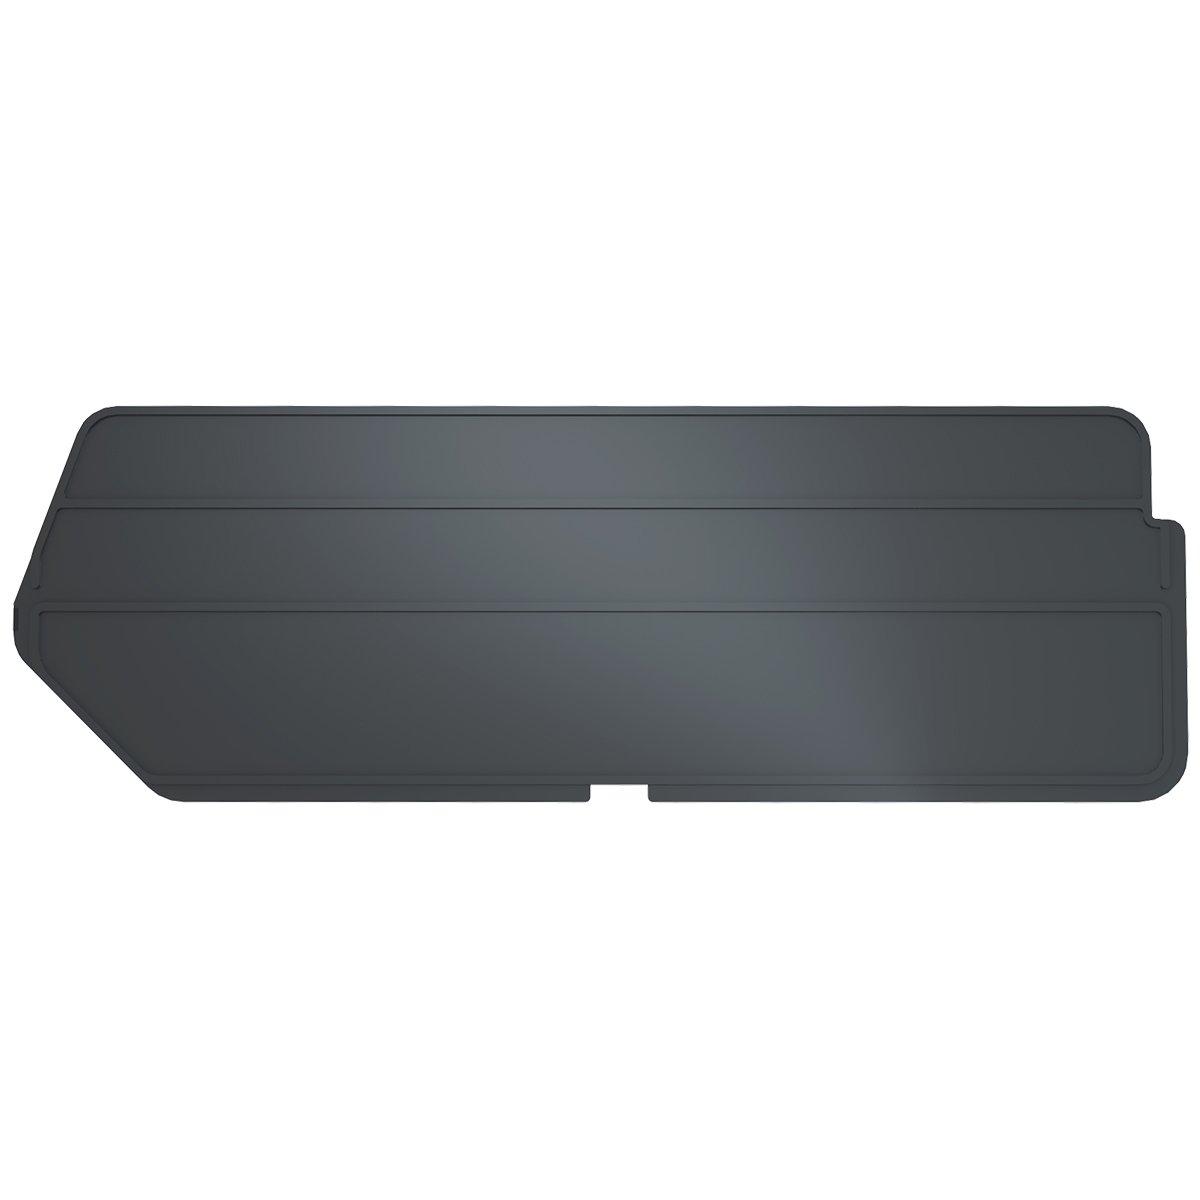 Akro-Mils 40224 Lengthwise Divider for 30224 AkroBin, Black, 6-Pack